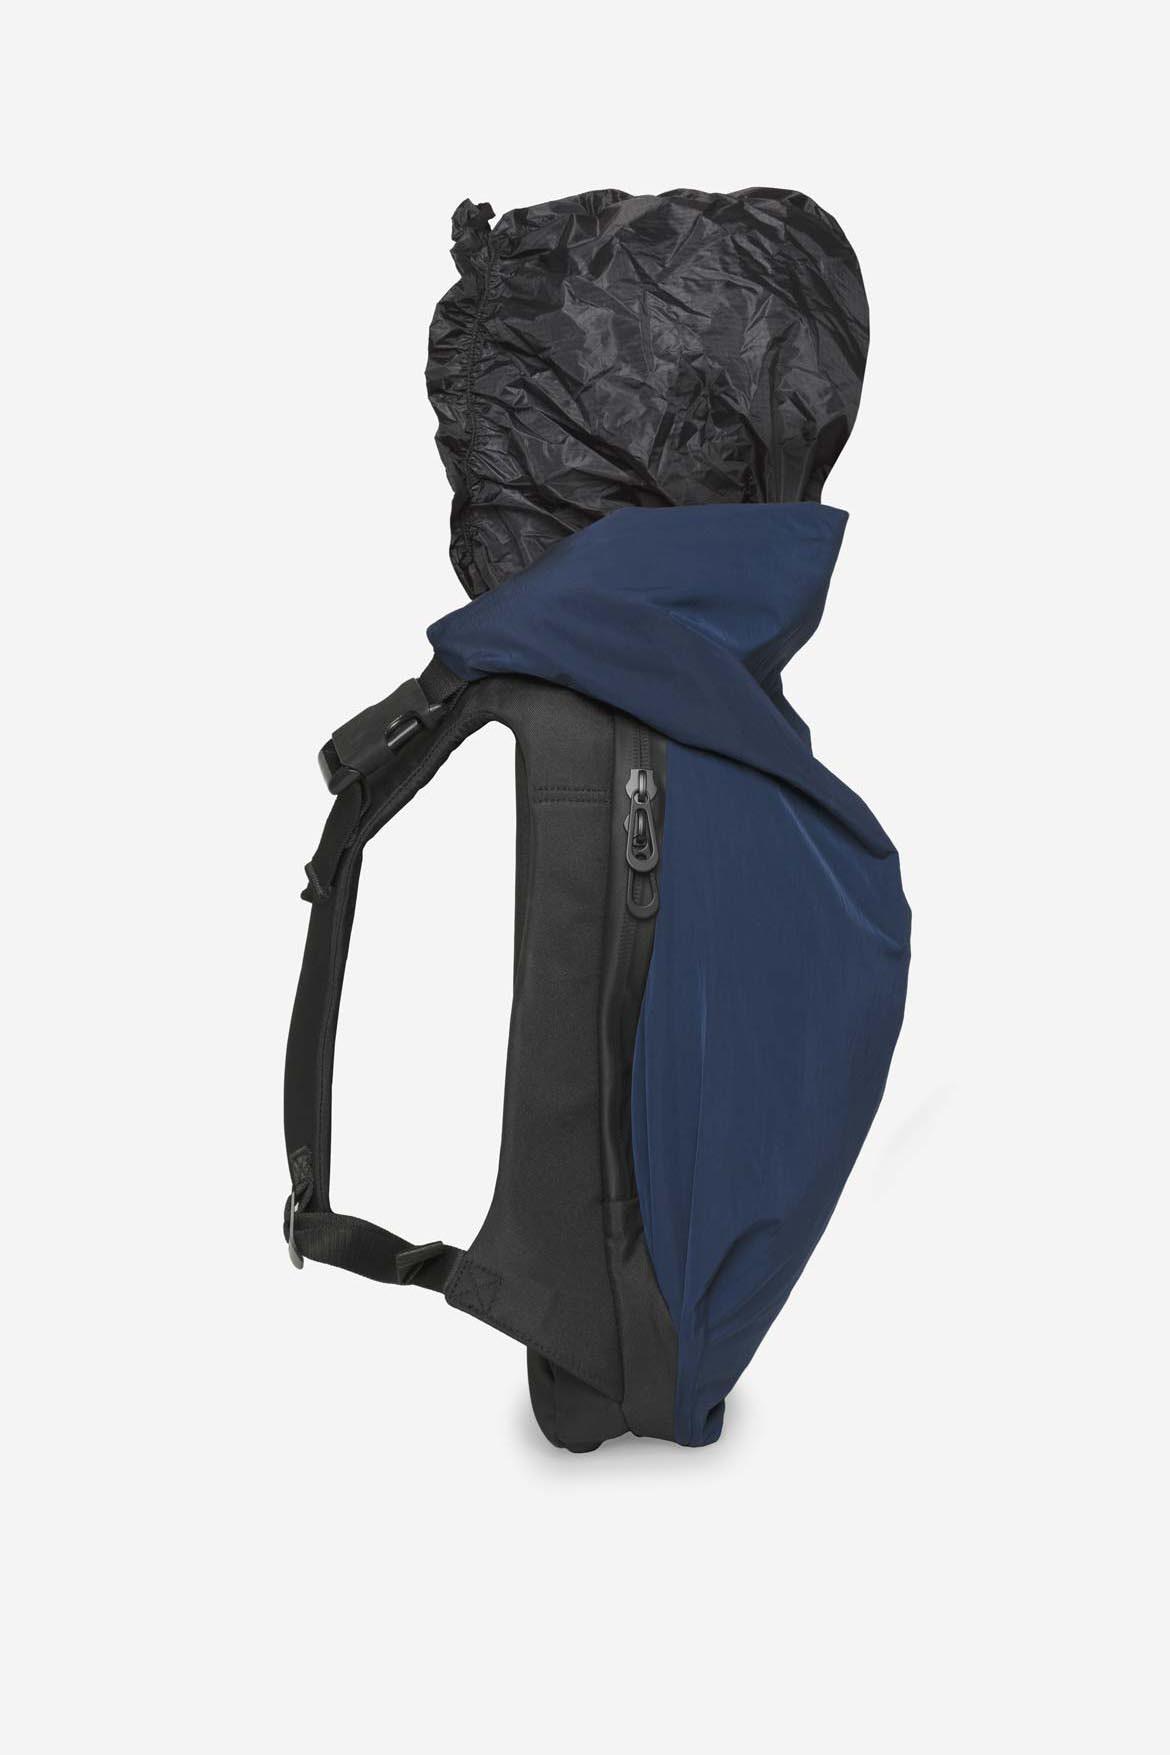 清仓甩卖法国cote&ciel nile rucksack 15笔记本电脑休闲双肩潮包